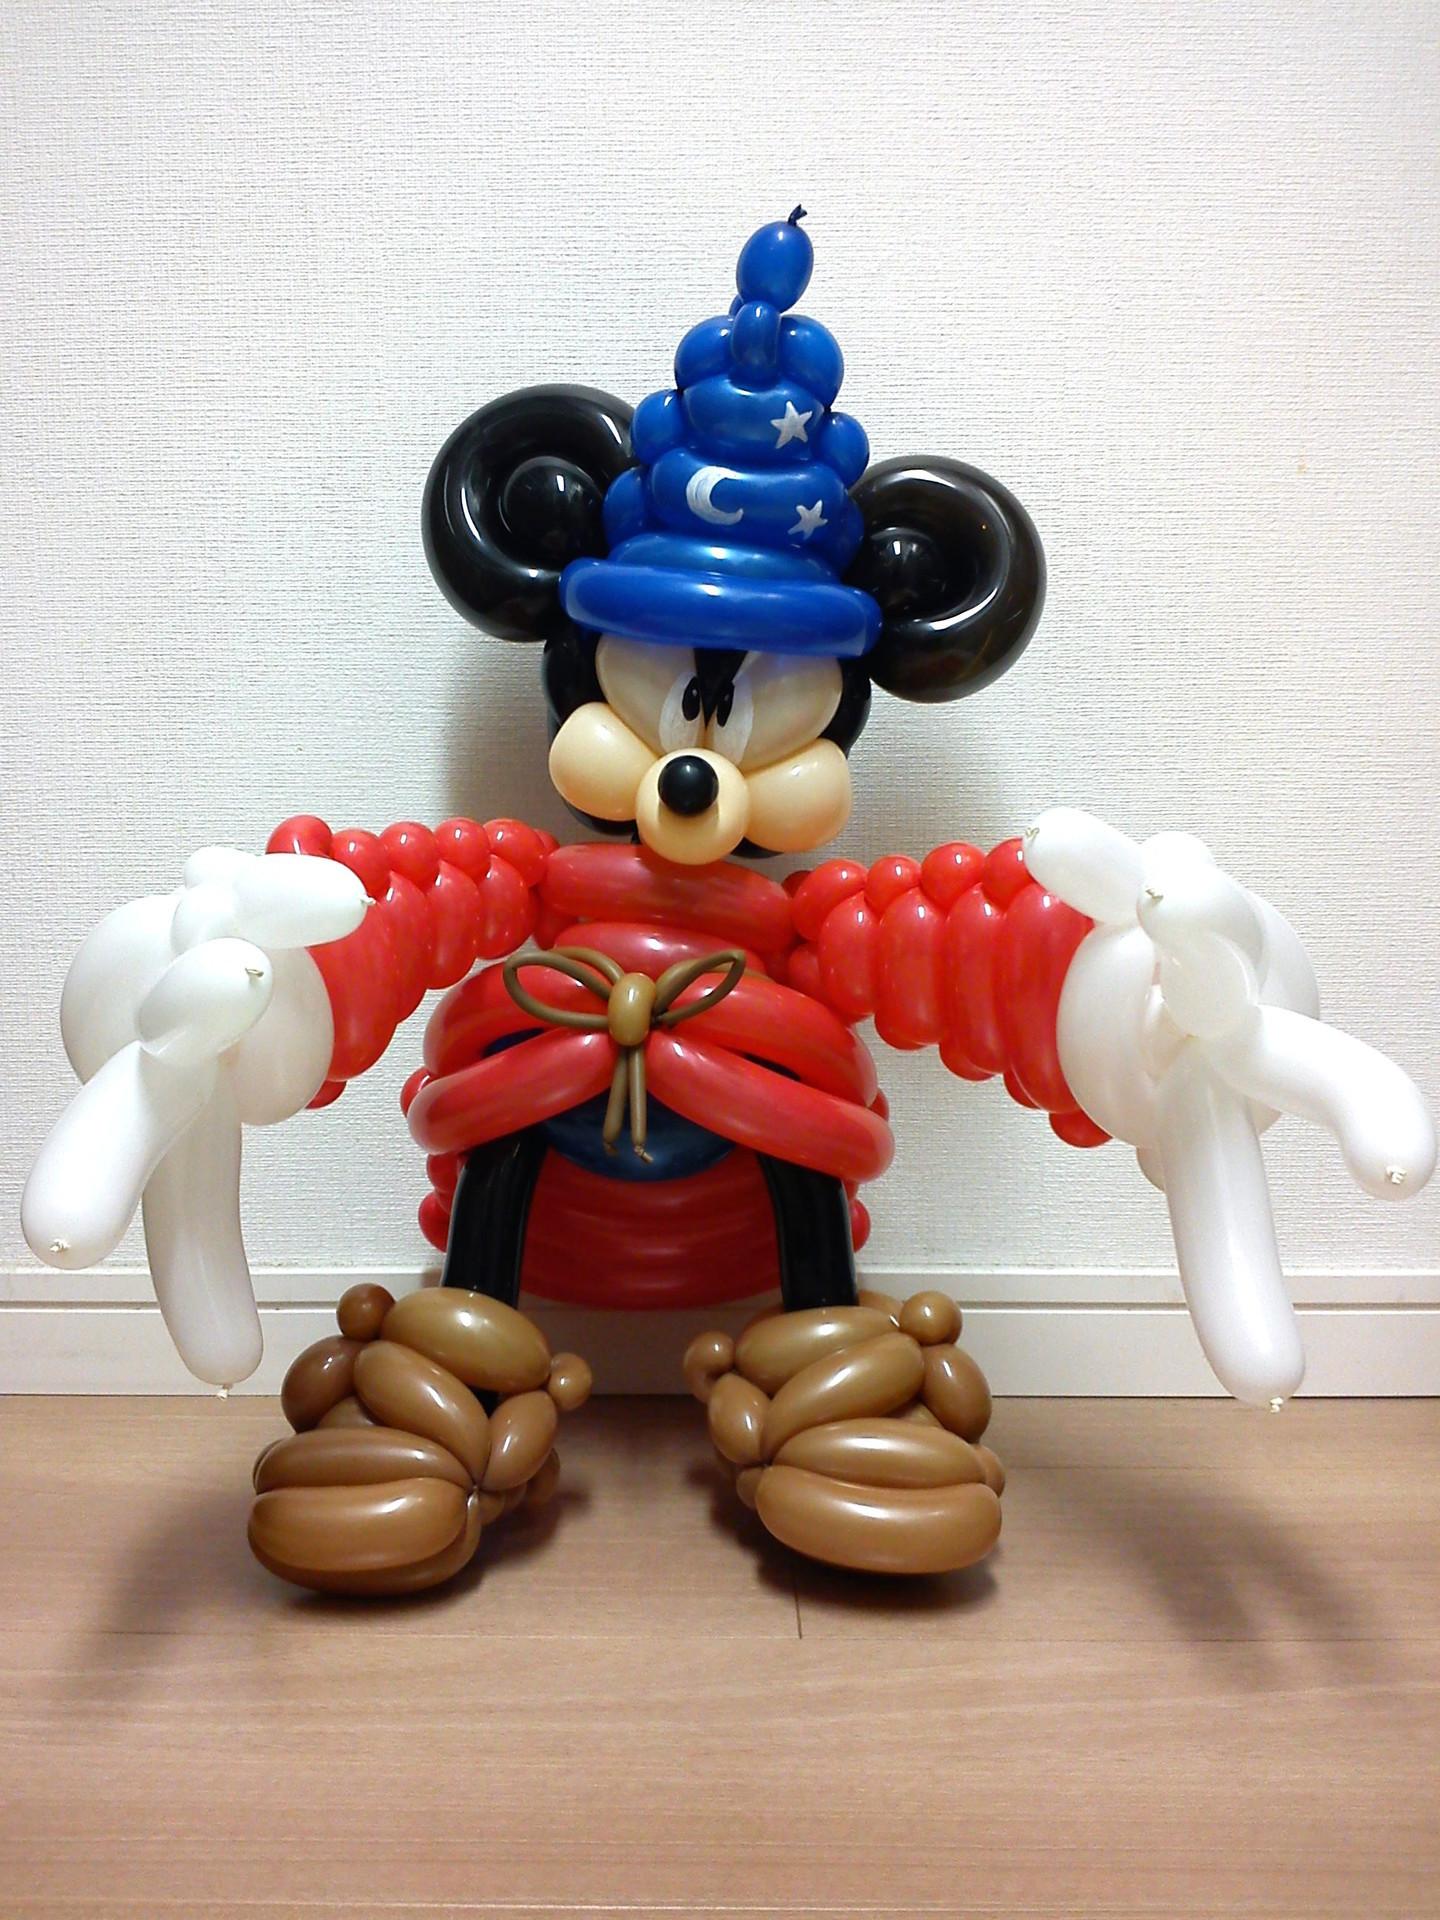 ソーサラーミッキー<ファンタジア/ディズニー> - バルーンアート